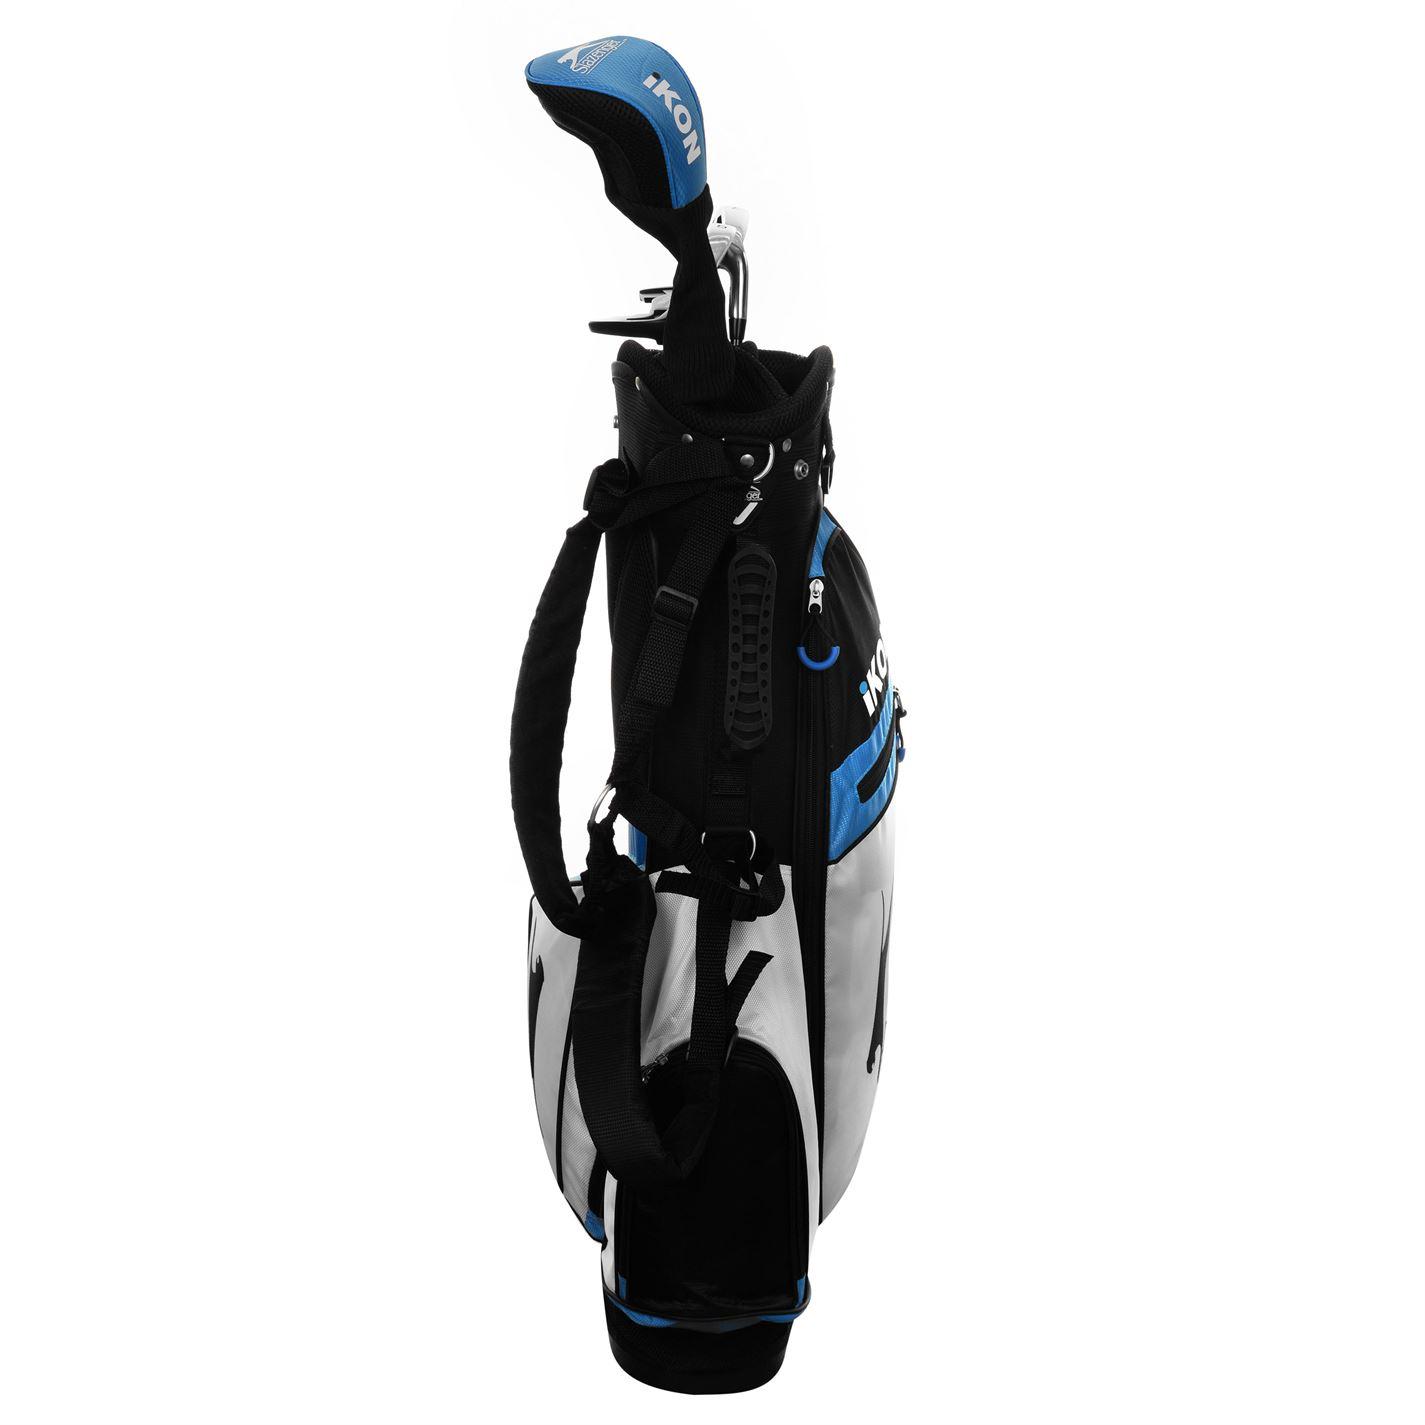 Slazenger-Kids-Ikon-Golf-Set-Junior-Graphite thumbnail 15